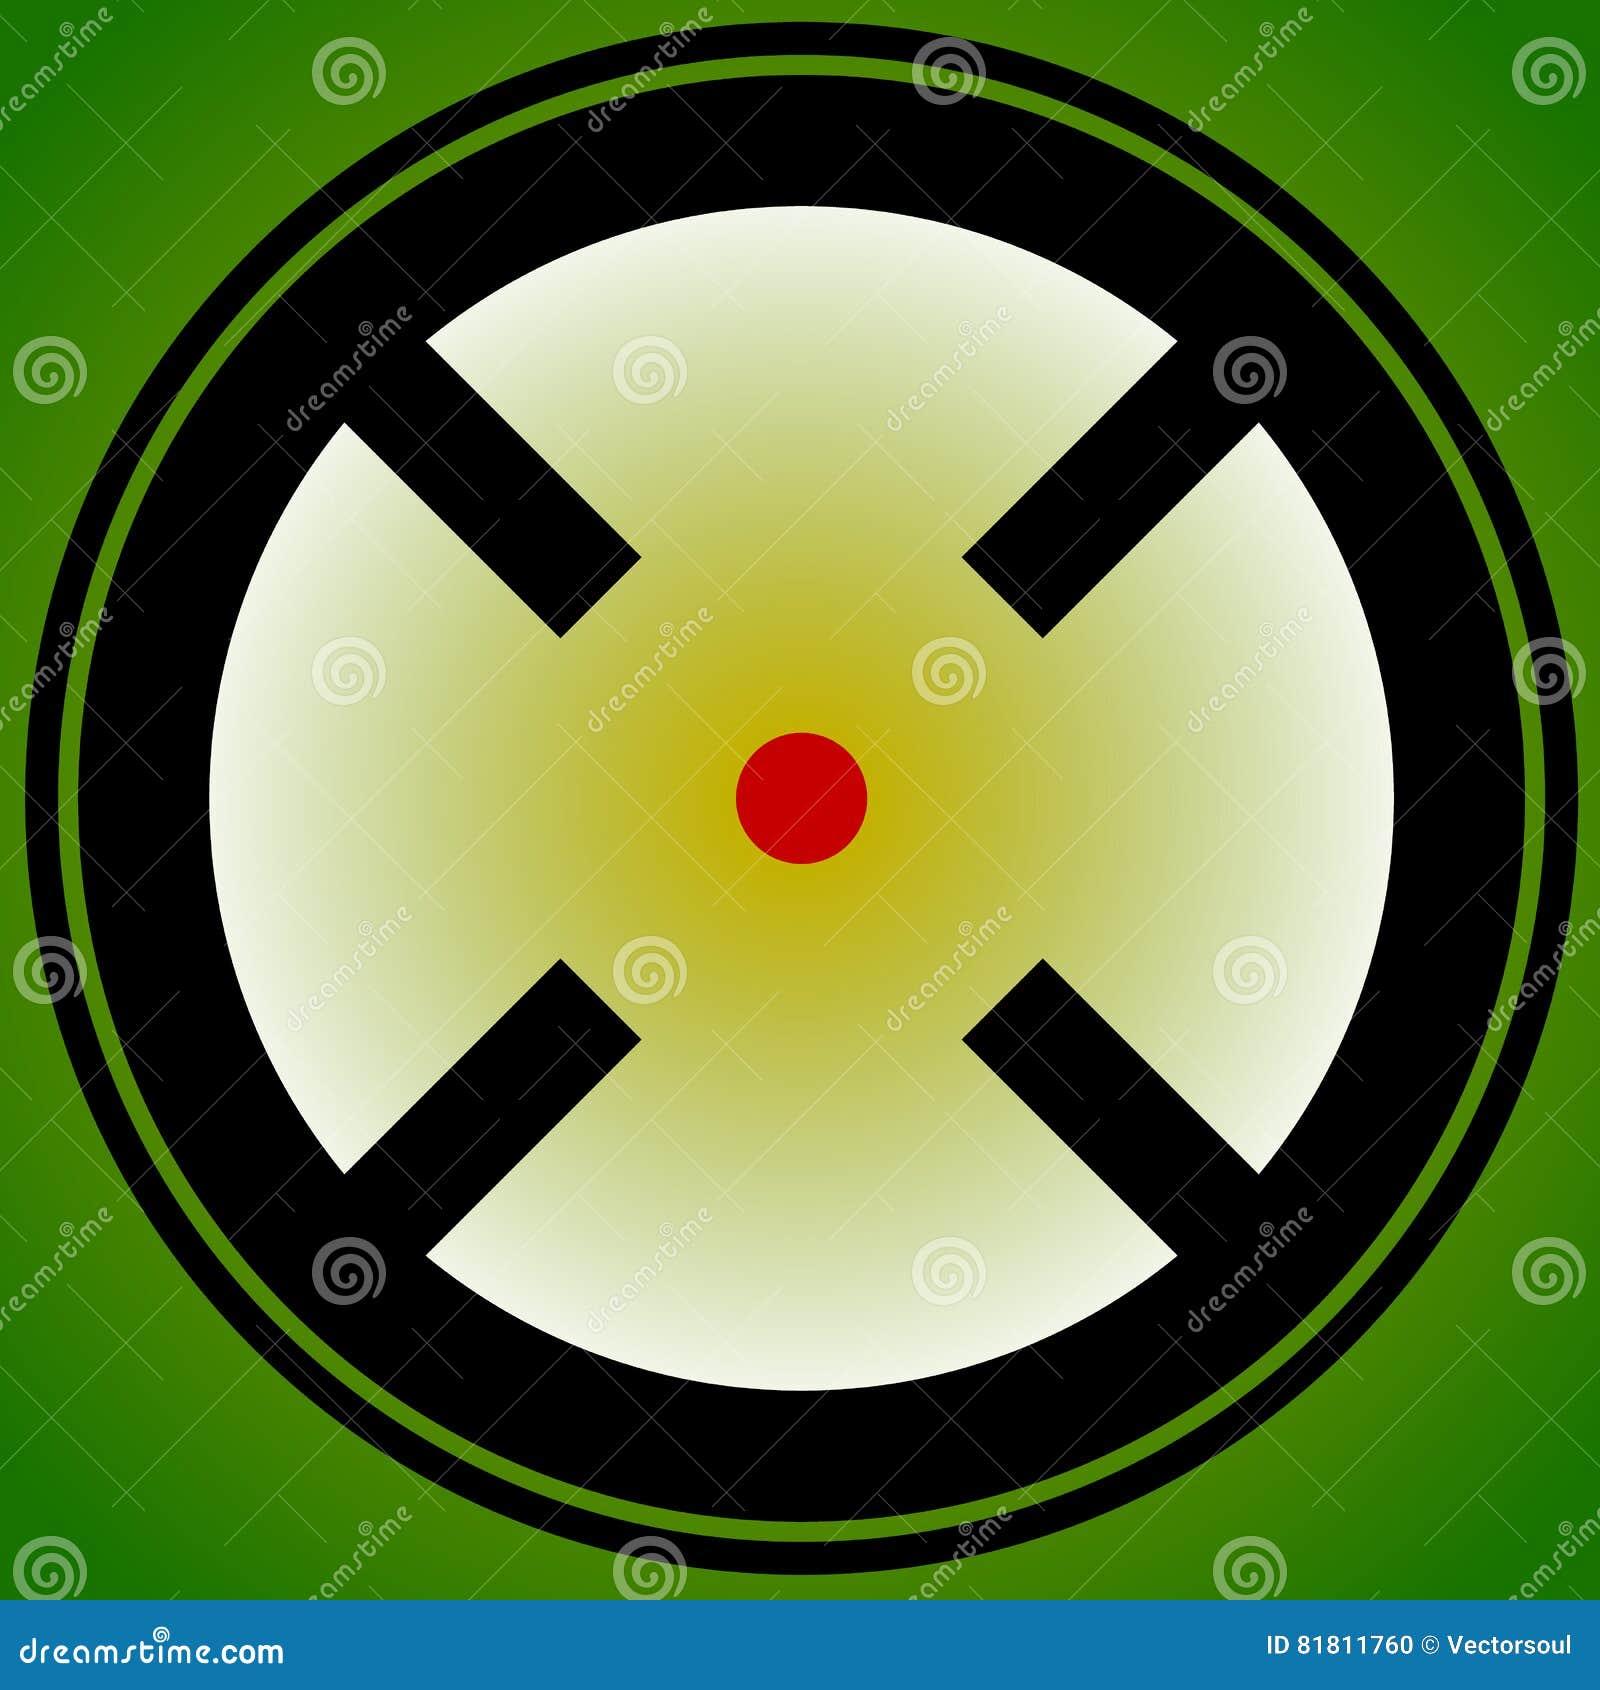 Visieren Sie Kennzeichen, Fadenkreuz, Fadenkreuzikone für Fokus, Genauigkeit, Ziel an